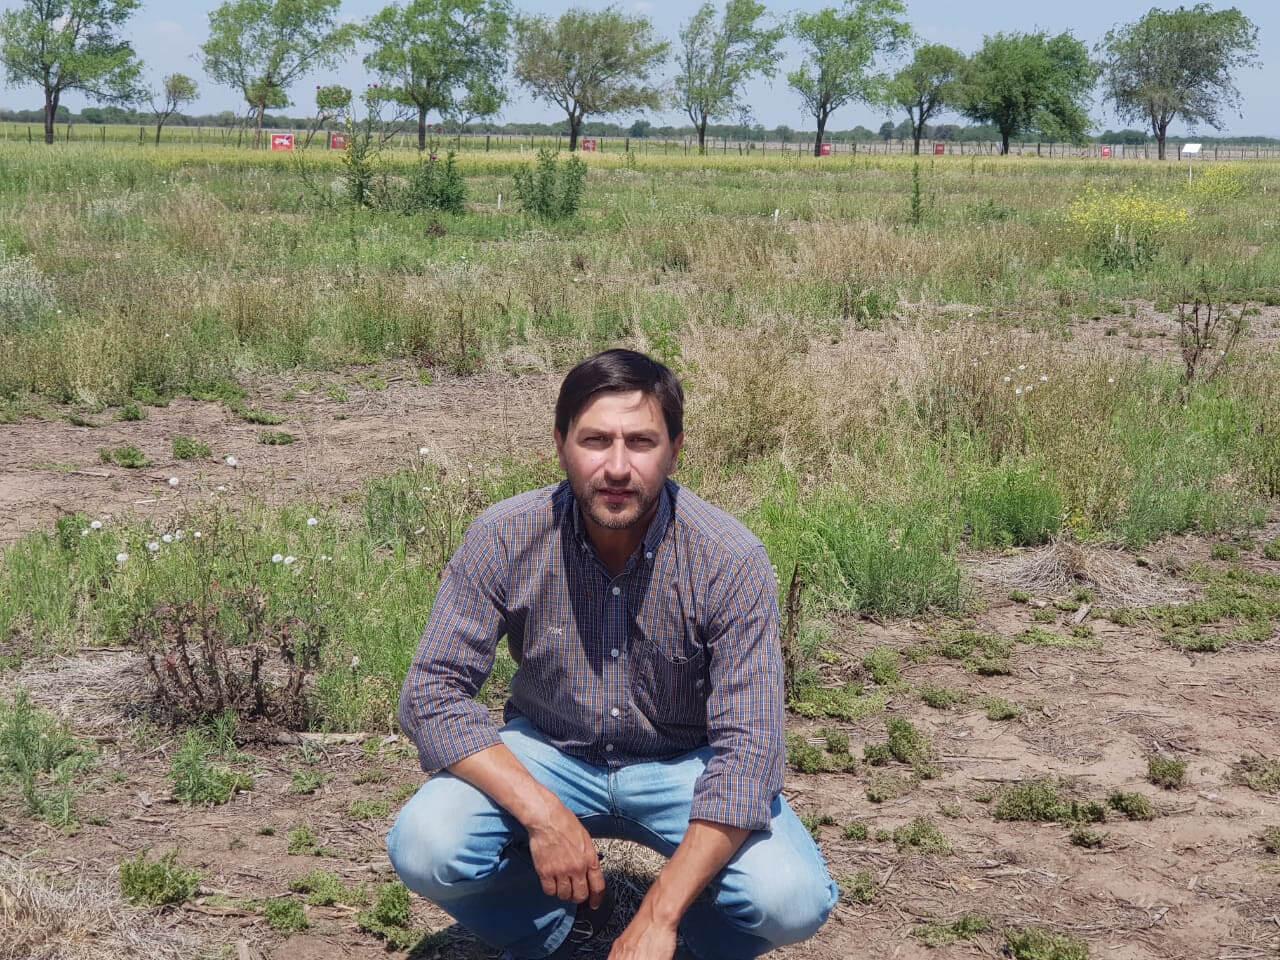 Malezas - Juan Caporicci, gerente de Herbicidas - FMC